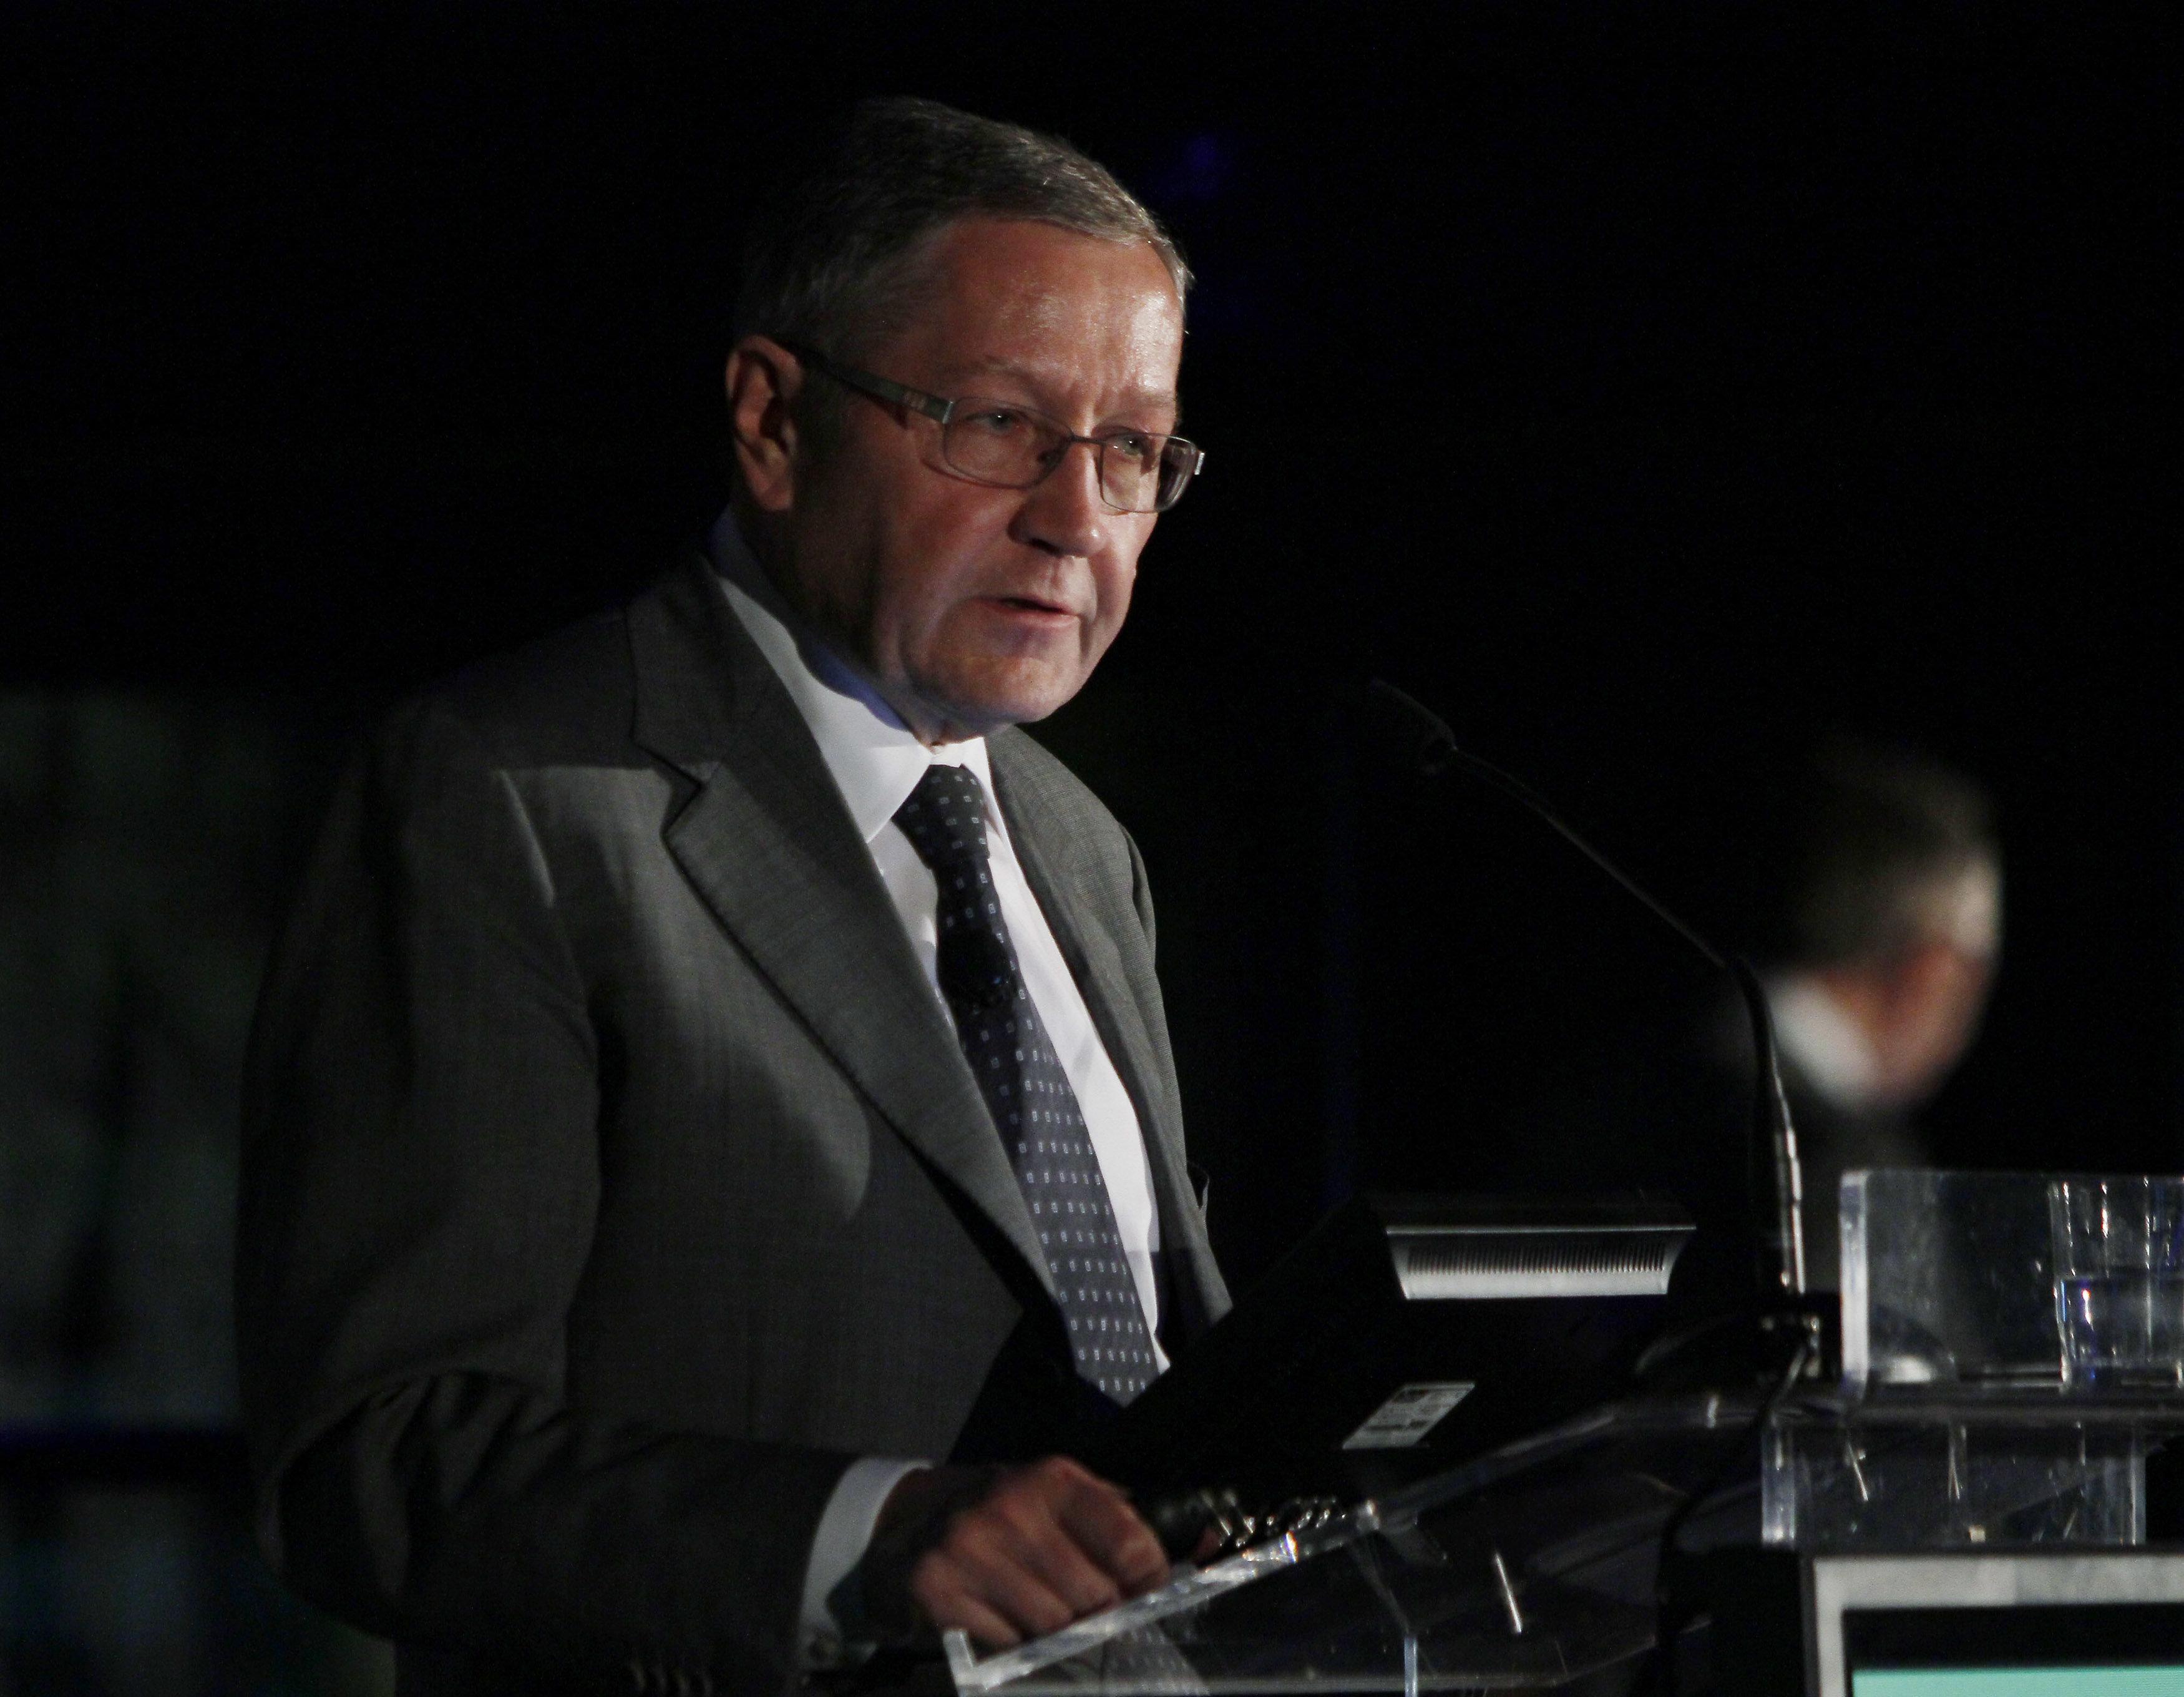 Ρέγκλινγκ: Η Ελλάδα μπορεί να αποπληρώσει το χρέος της και οι προσπάθειες προσαρμογής που έχει κάνει είναι